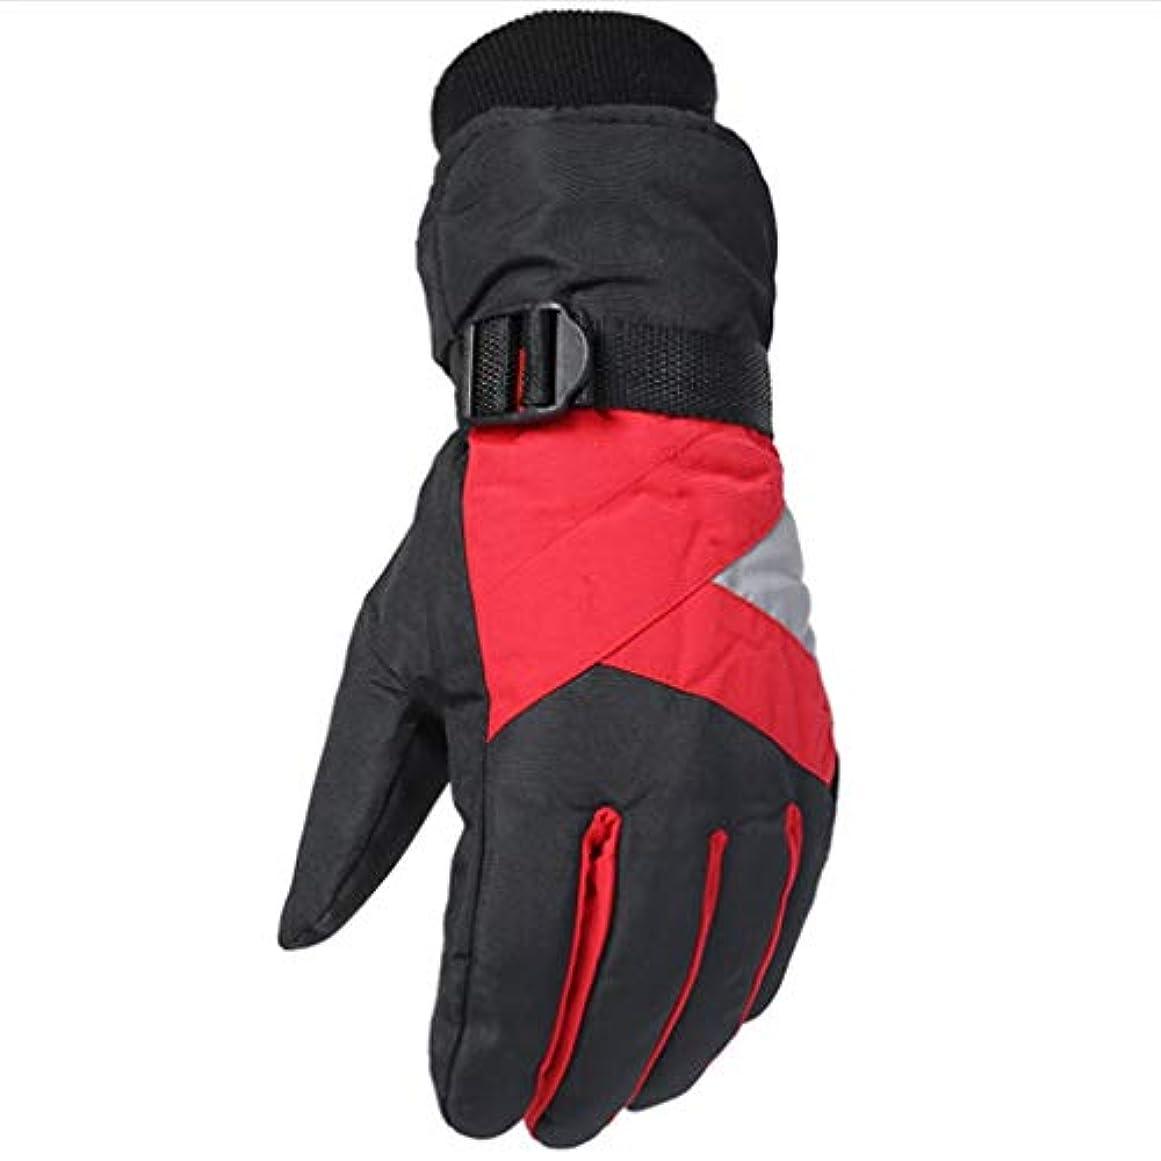 質量つかの間麦芽手袋の男性の冬プラスベルベット厚手の暖かいスキーグローブは、凍結防止の登山手袋を運転する (色 : Red)